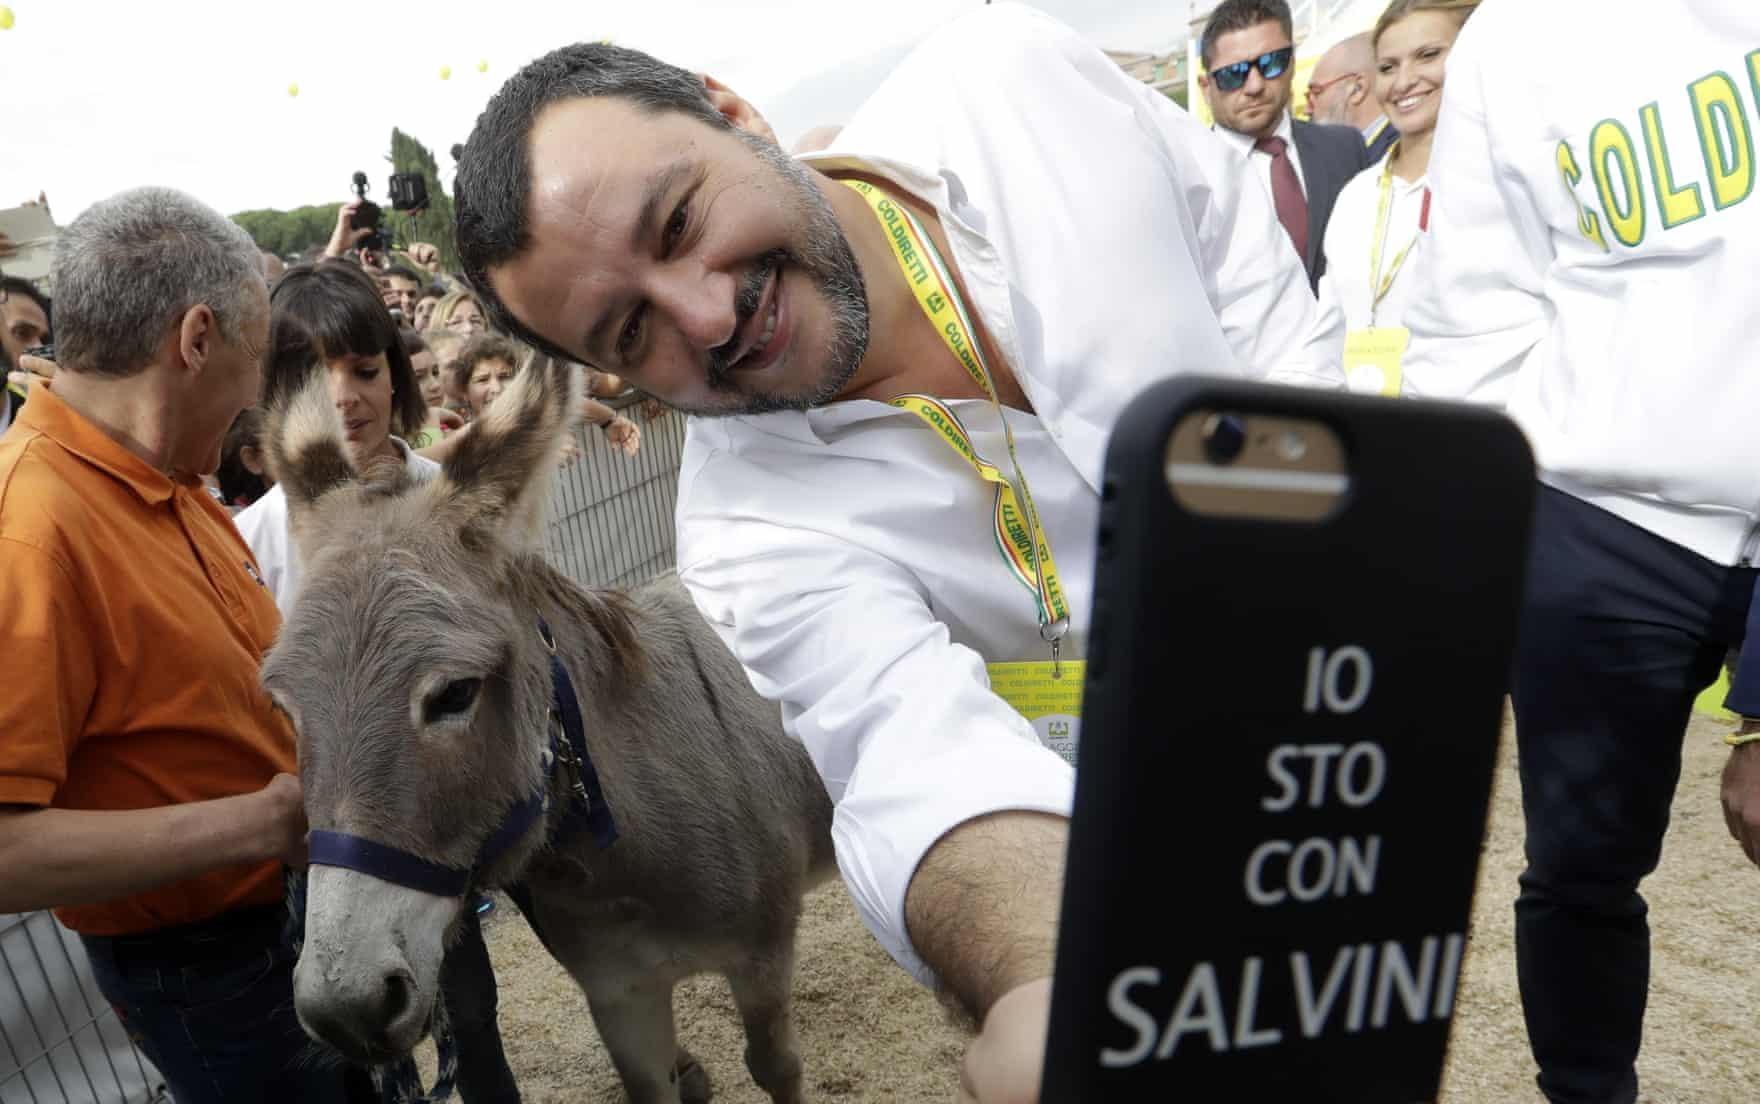 سلفی عجیب آقای وزیر با یک الاغ